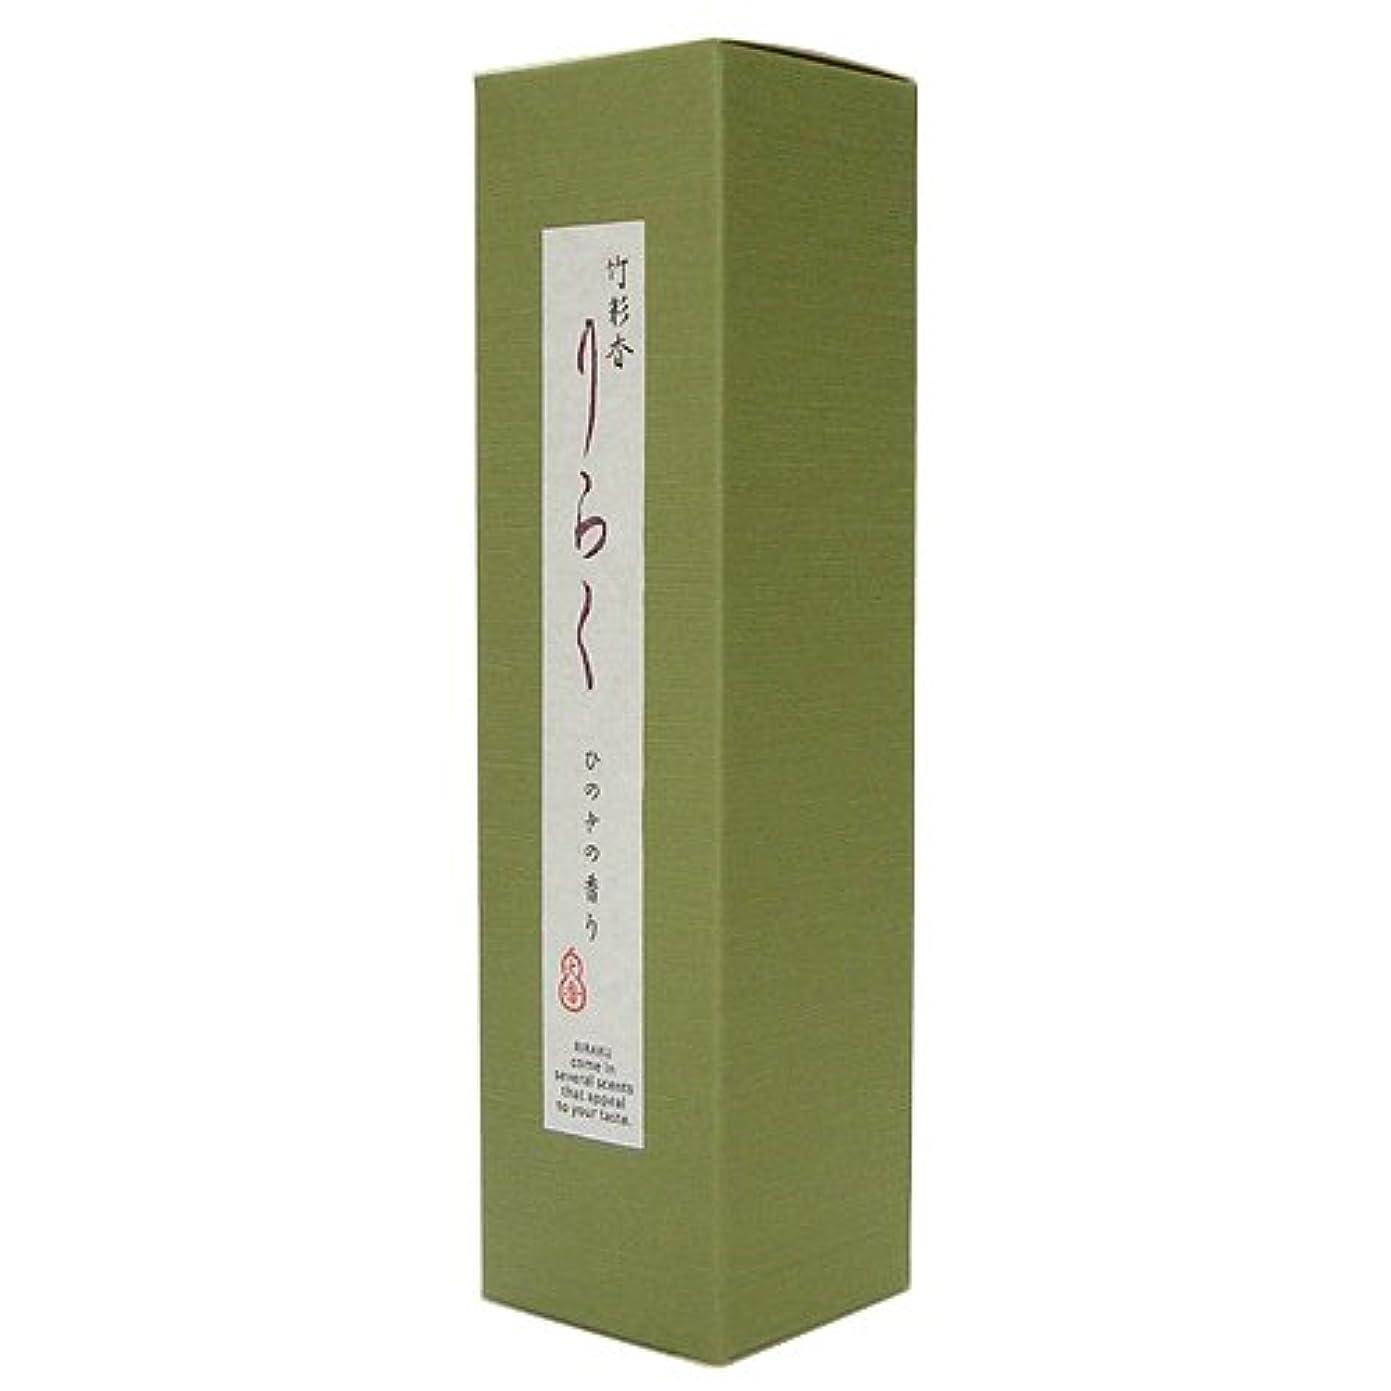 ご意見家庭教師時間とともに竹彩香りらくひのき 50ml